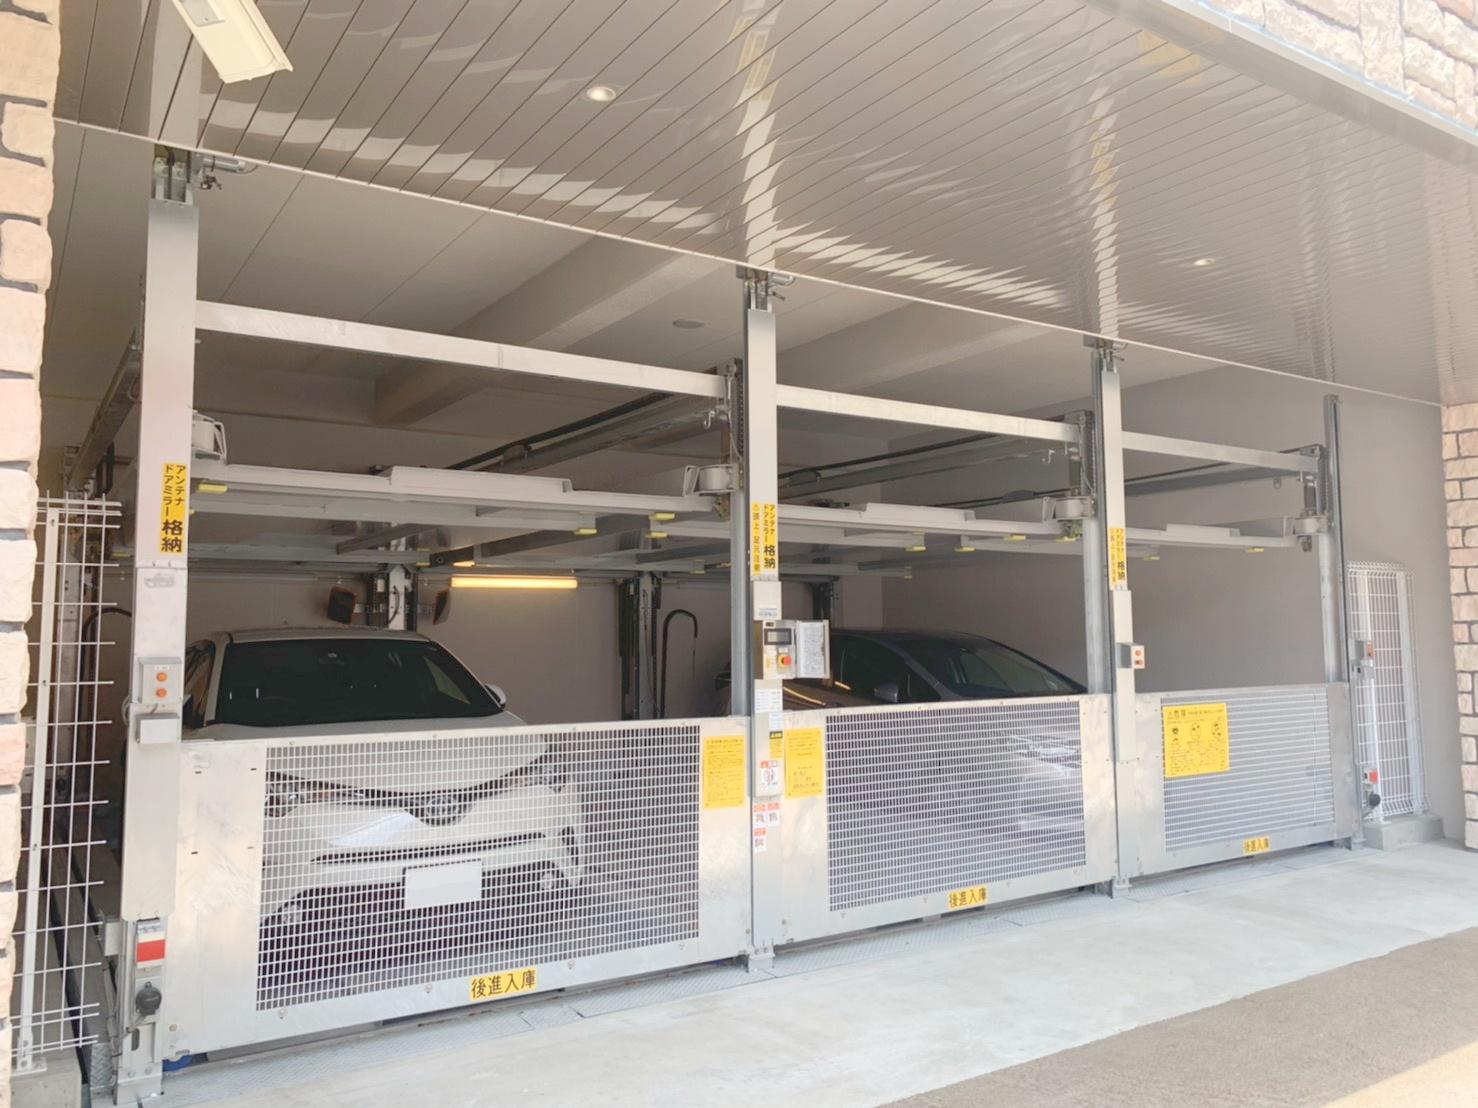 2021年4月度 関西7件・関東3件 機械式・立体式駐車場メンテナンス受託を頂きました!